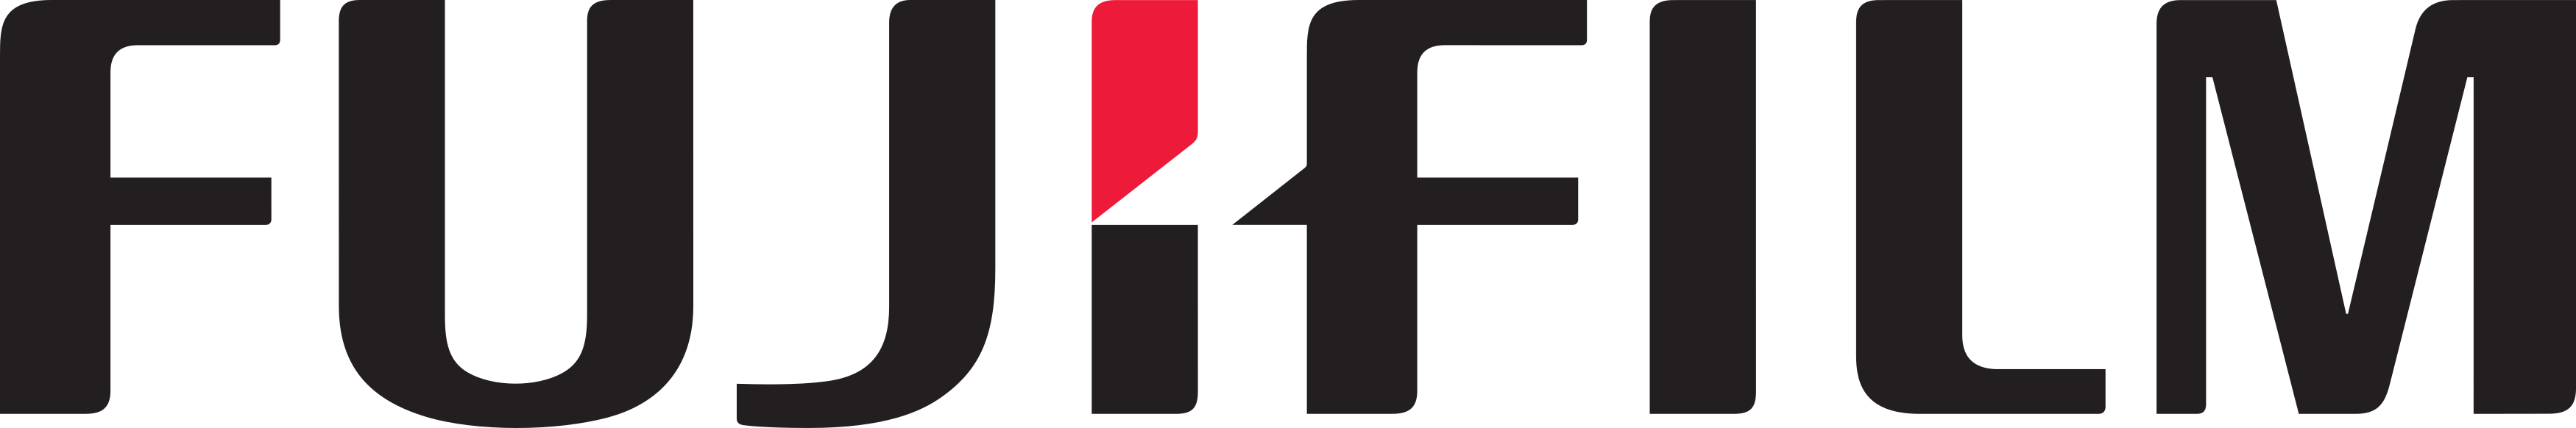 Fujifilm logo.